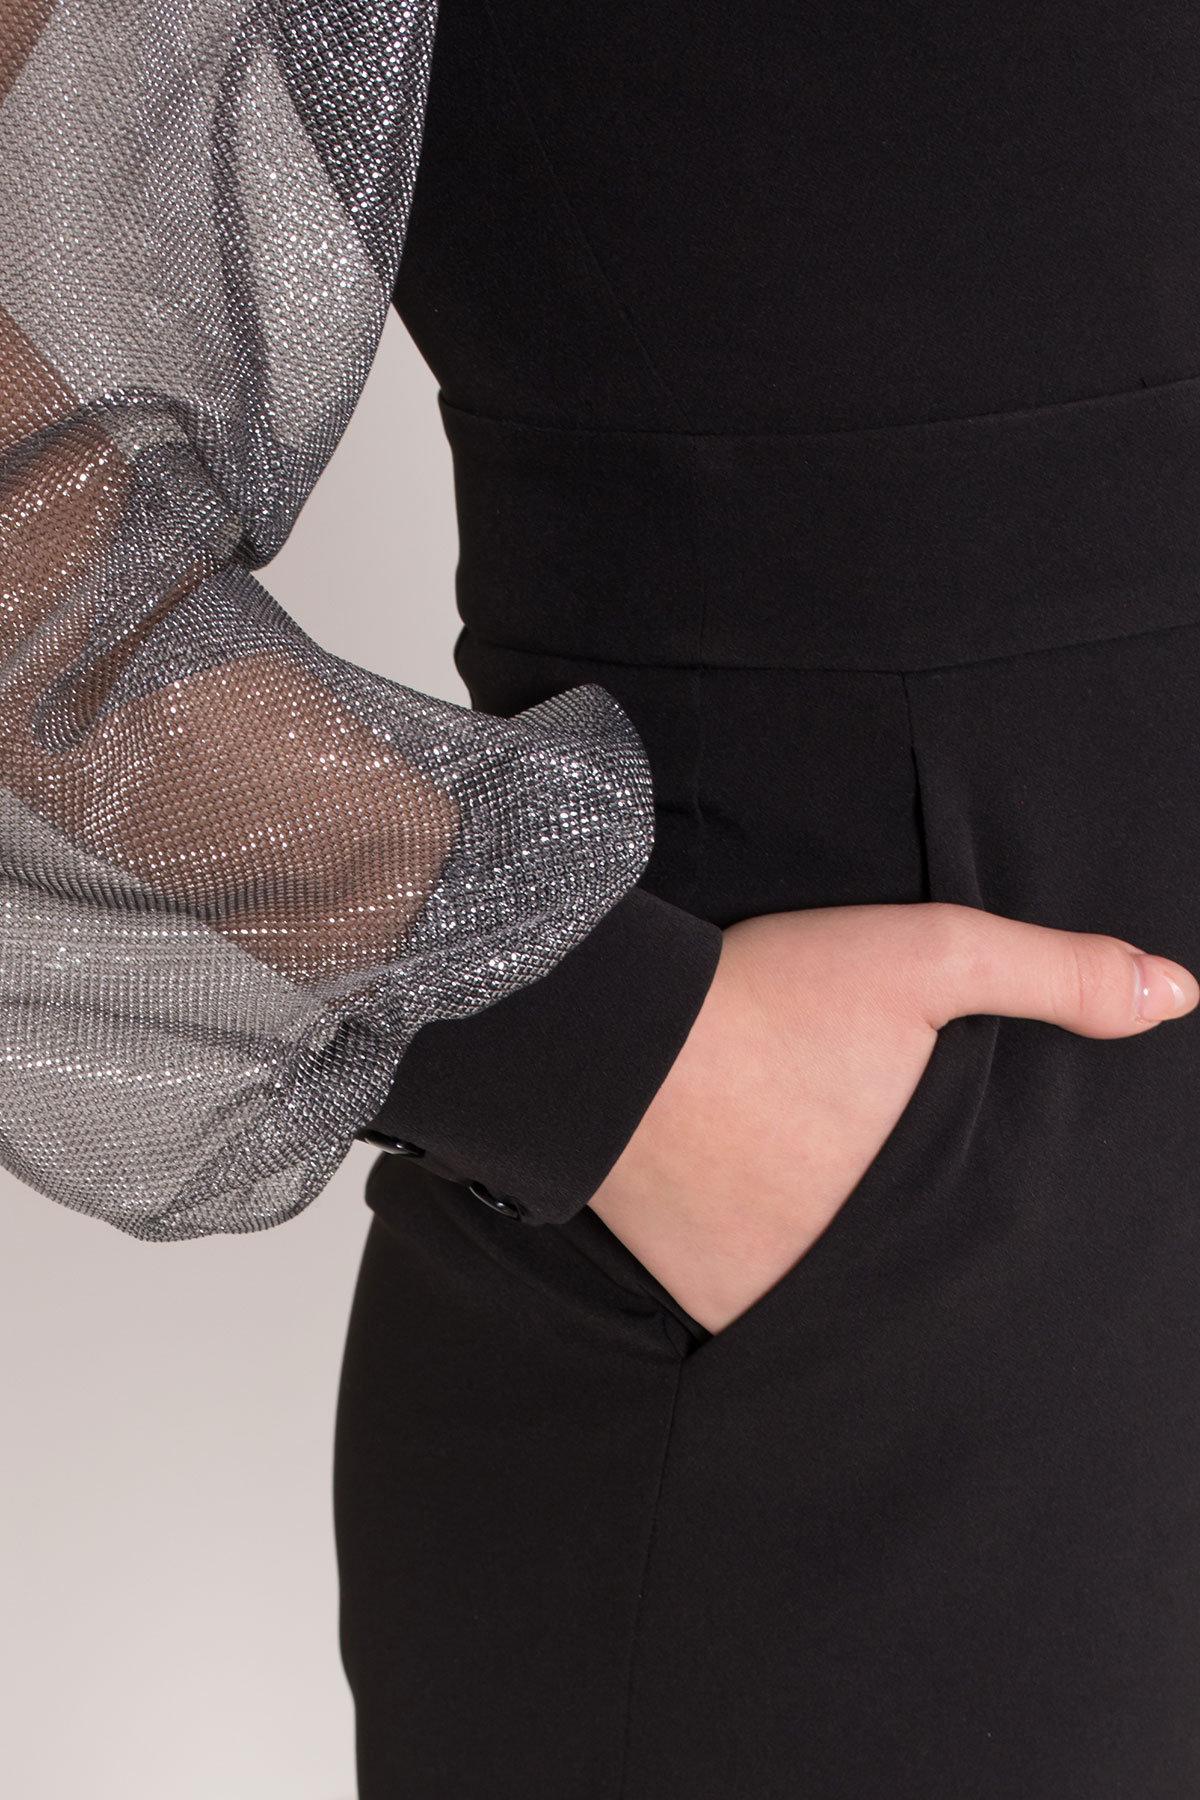 Комбинезон с шортами черного цвета Набель 8566 АРТ. 44881 Цвет: Черный - фото 7, интернет магазин tm-modus.ru